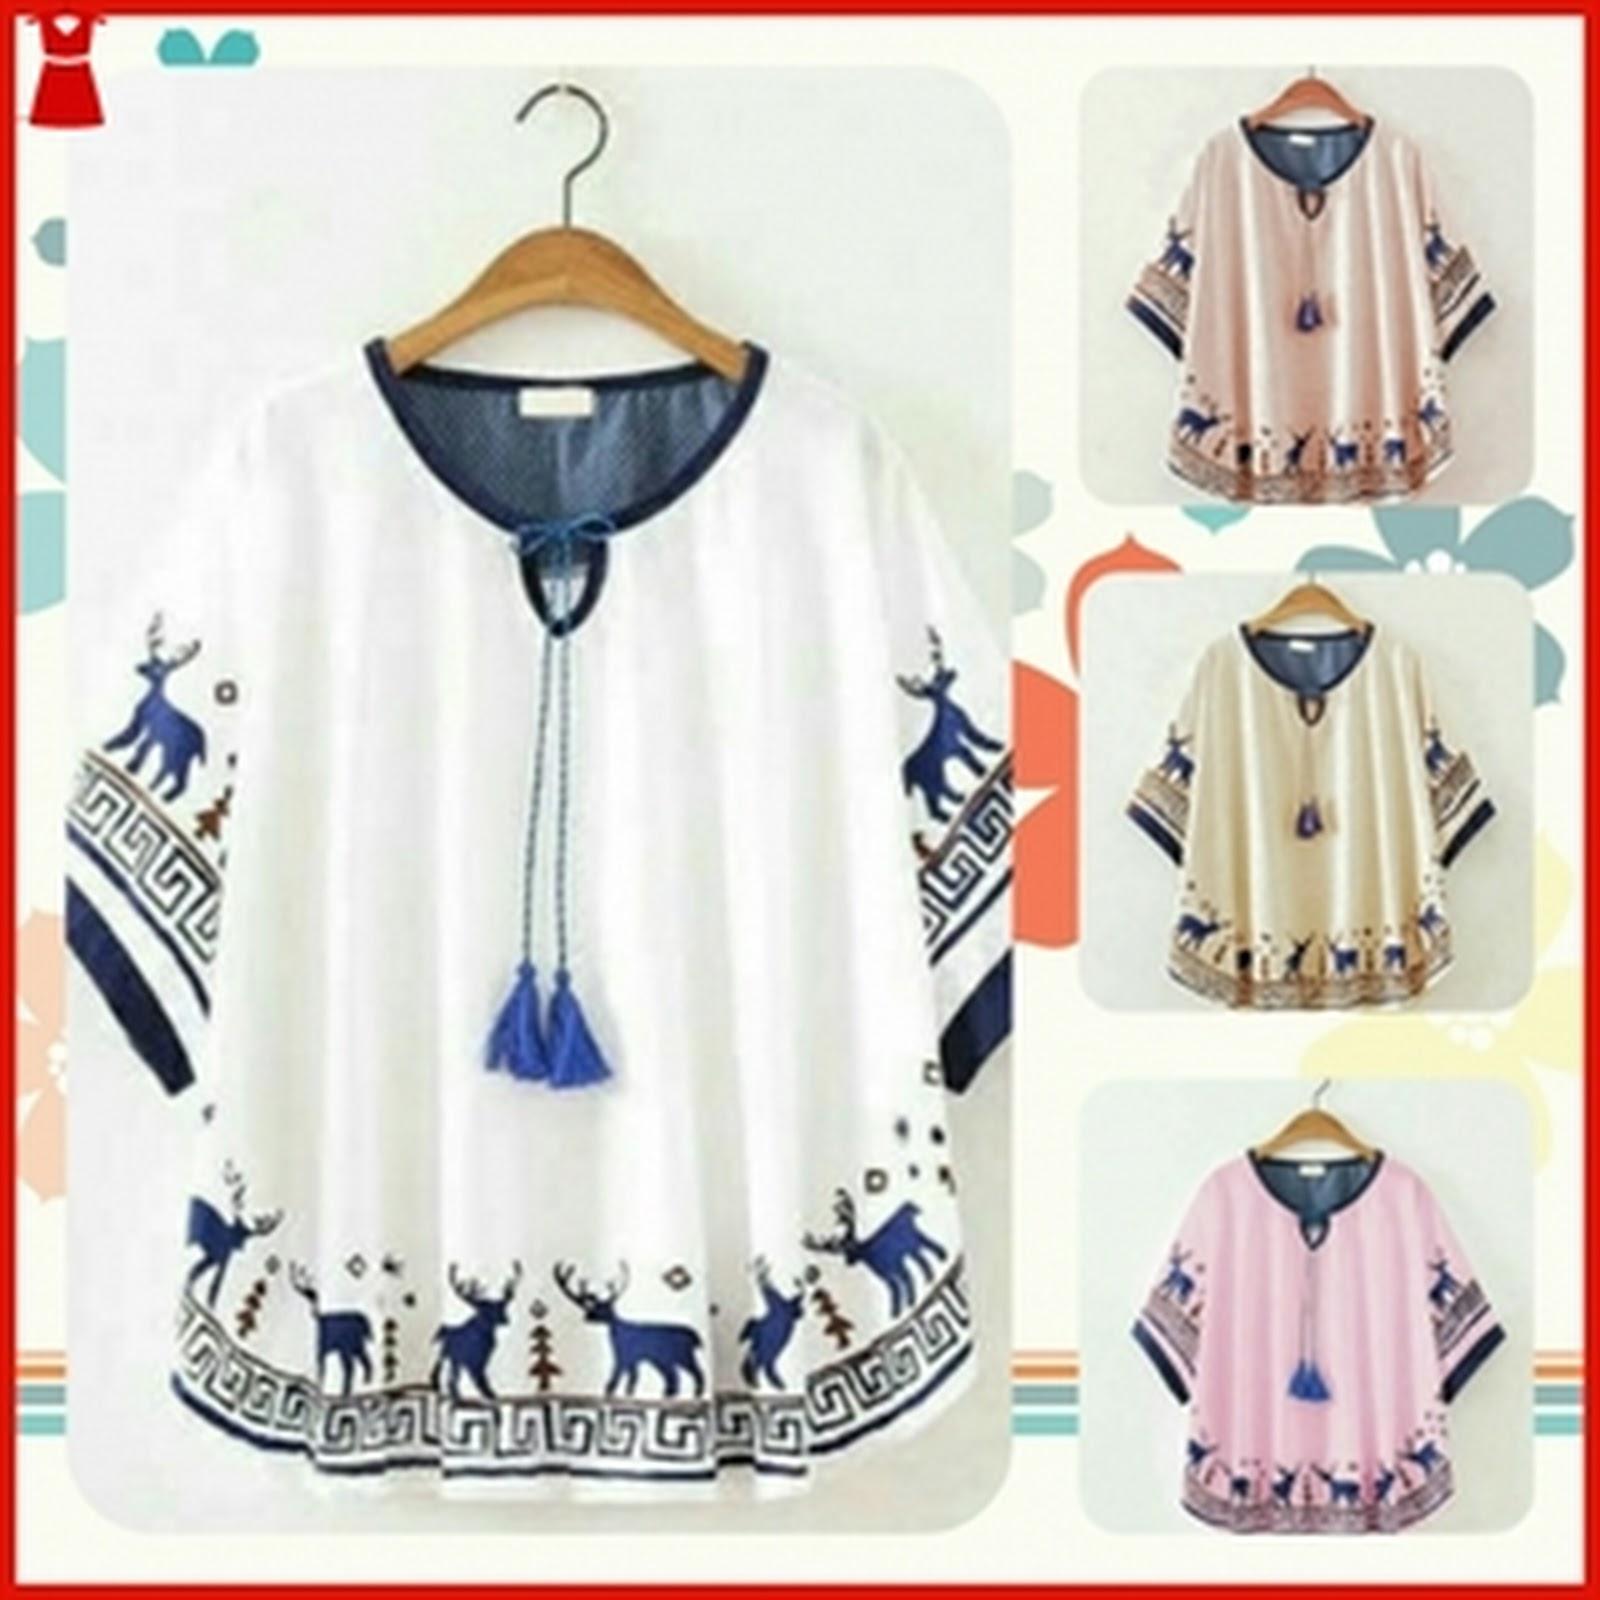 Setelan Baju Blouse Tunik Wanita Ukuran Big Size Bj2263 c5fee4d4cb